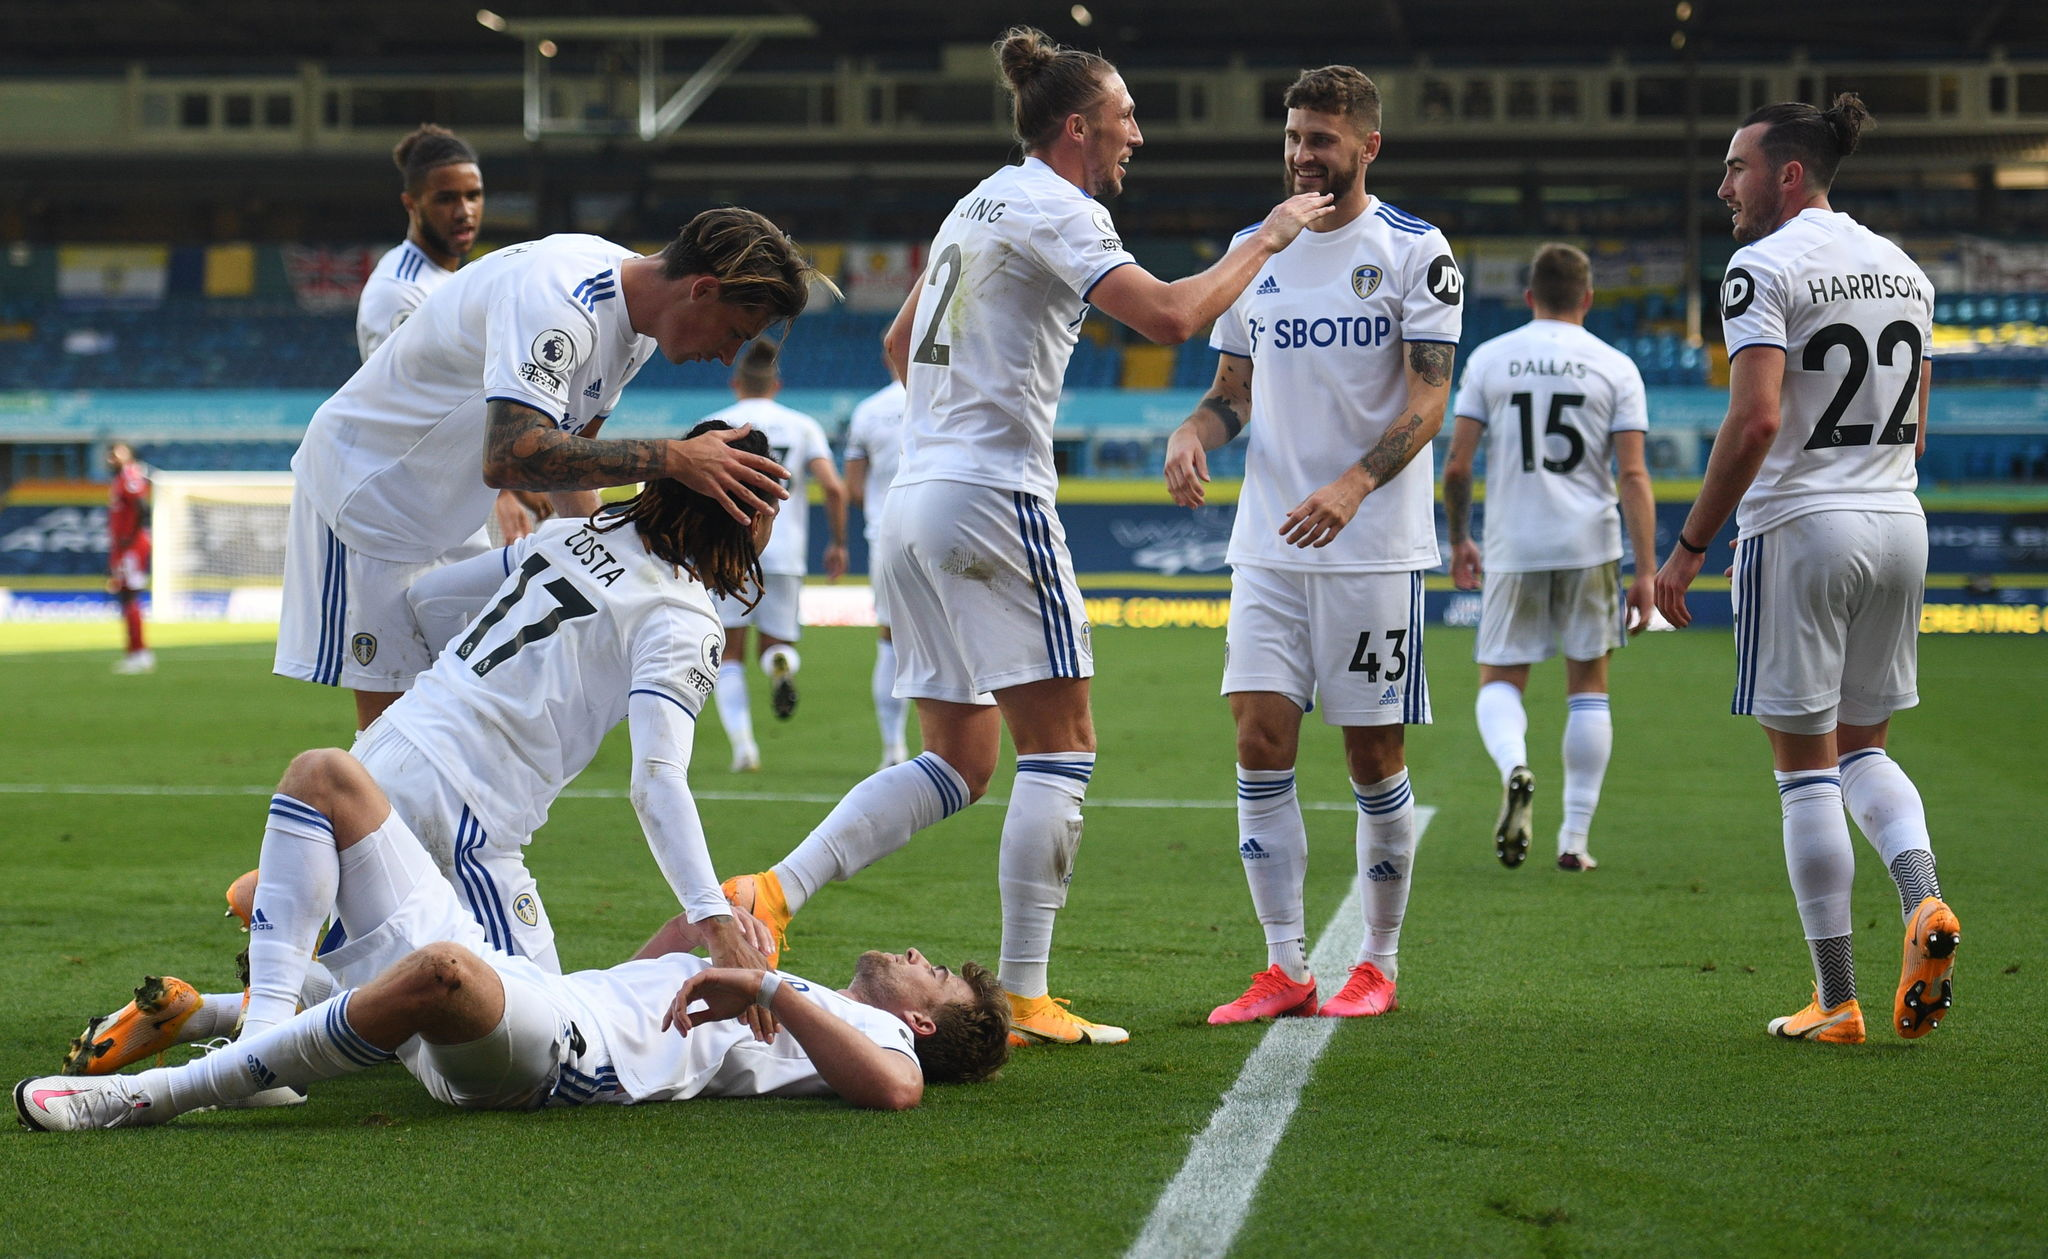 El Leeds de Bielsa gana al Fulham y consigue su primera victoria en la Premier